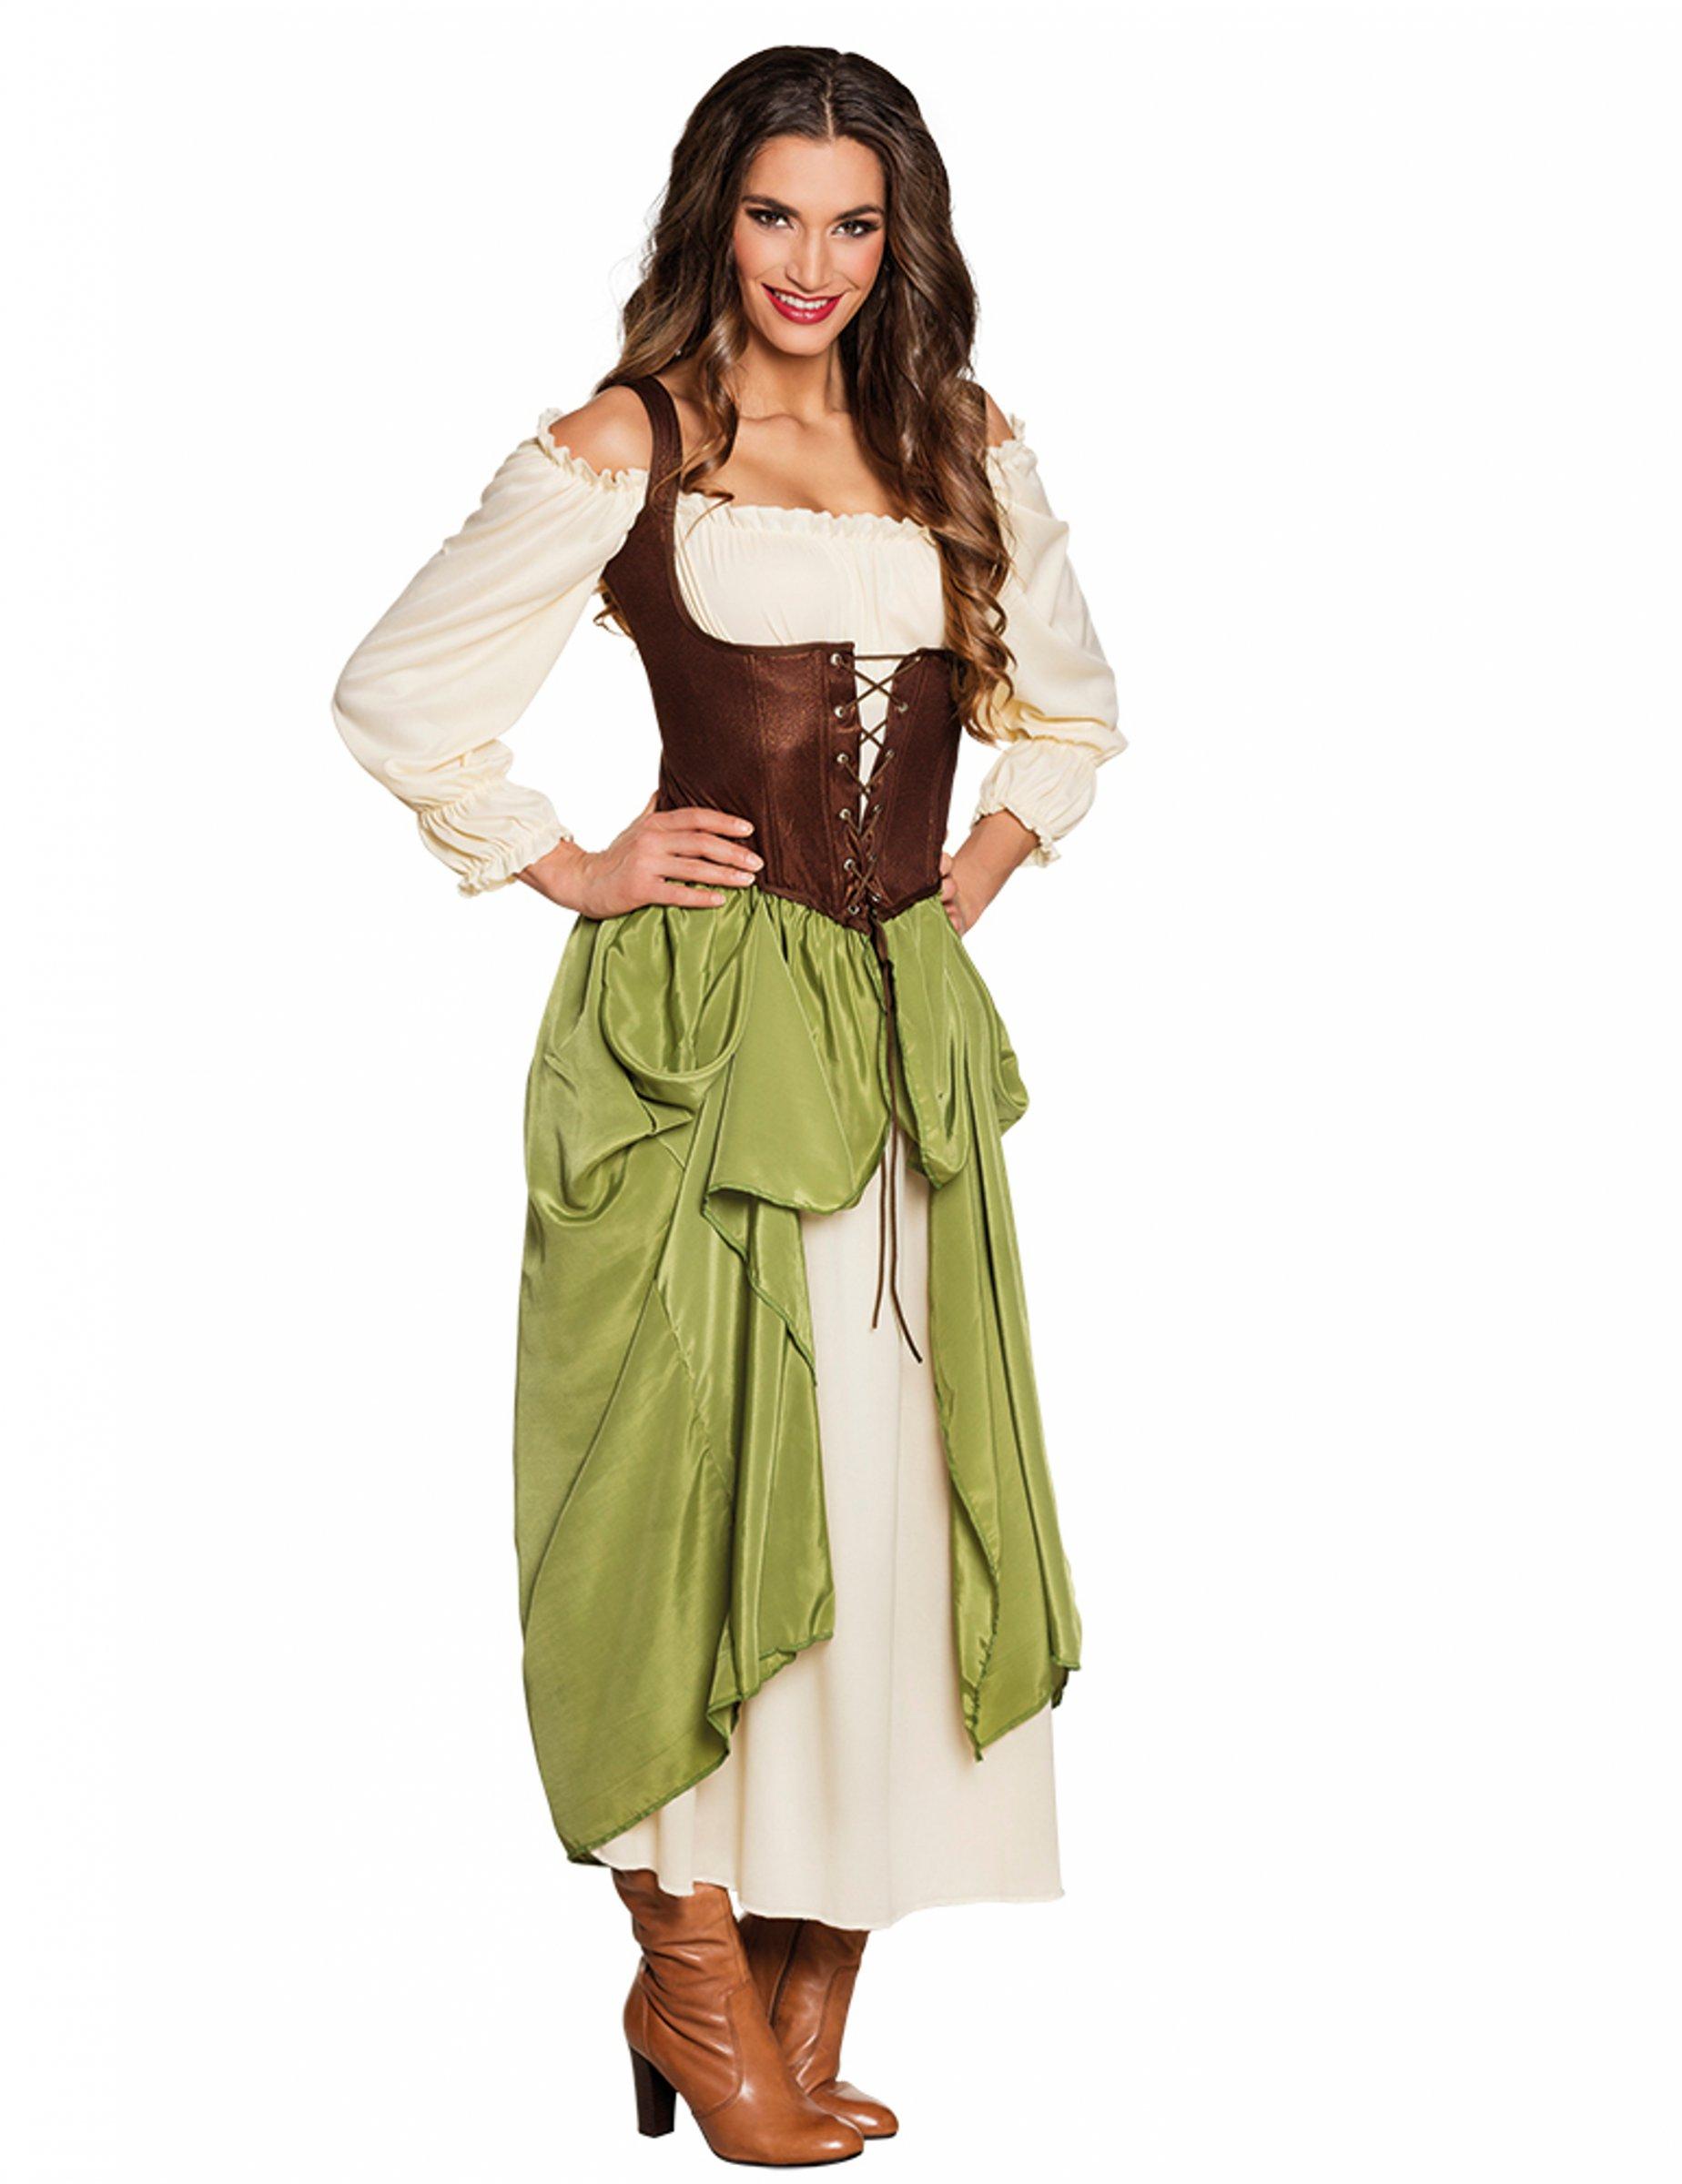 soddisfare nuovo elenco piuttosto fico Costume medievale da locandiera per donna: Costumi adulti,e ...